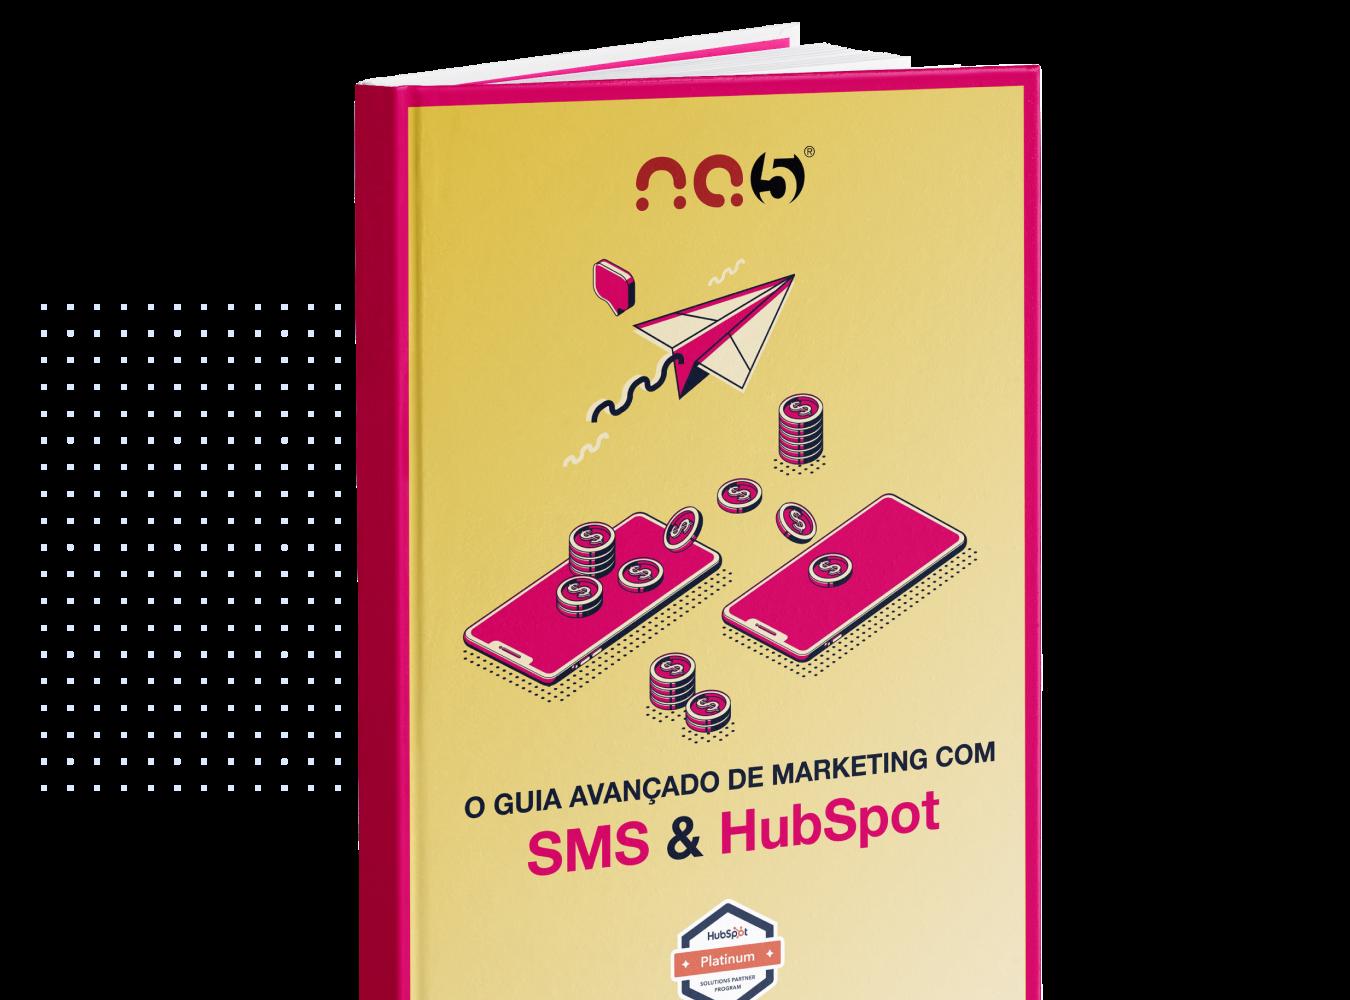 ebook-o-guia-avancado-marketing-sms-hubspot-por-na5-cta-image